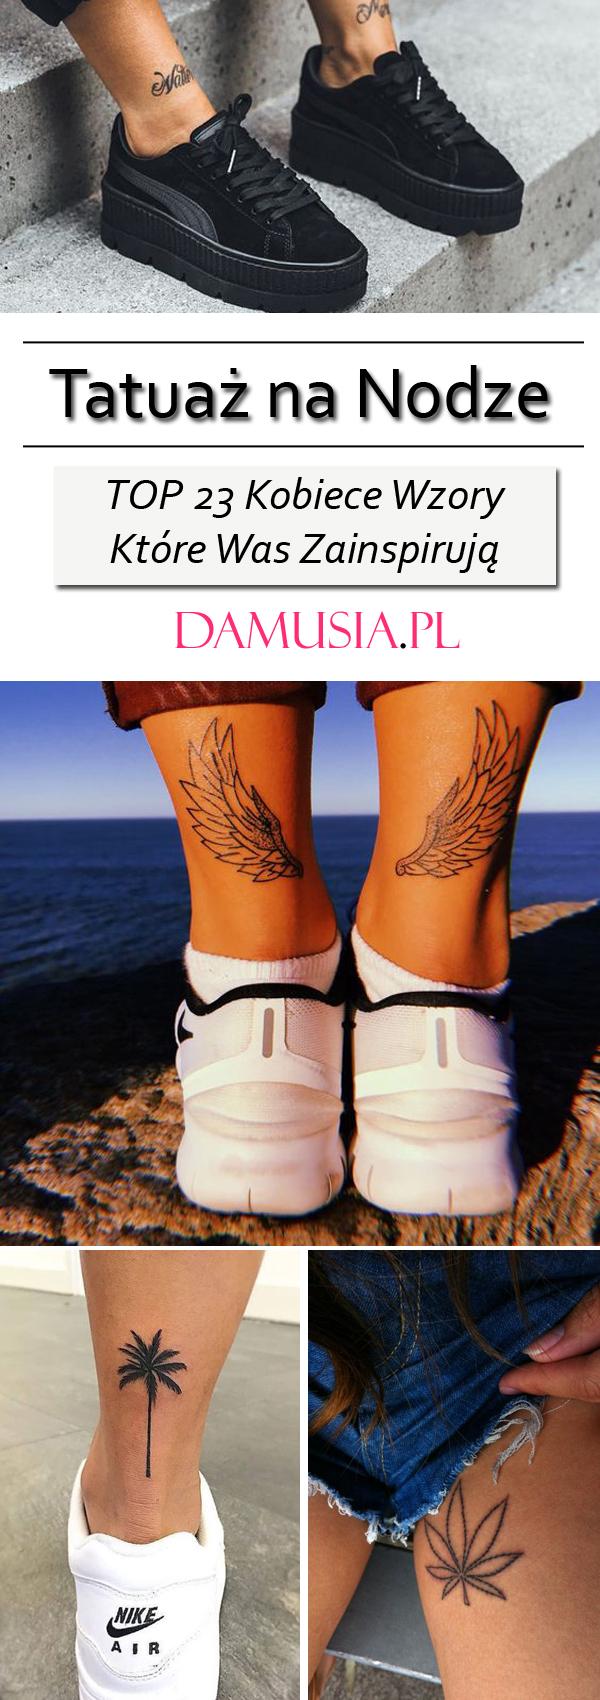 Tatuaż Na Nodze Top 23 Kobiece Wzory Które Was Zainspirują